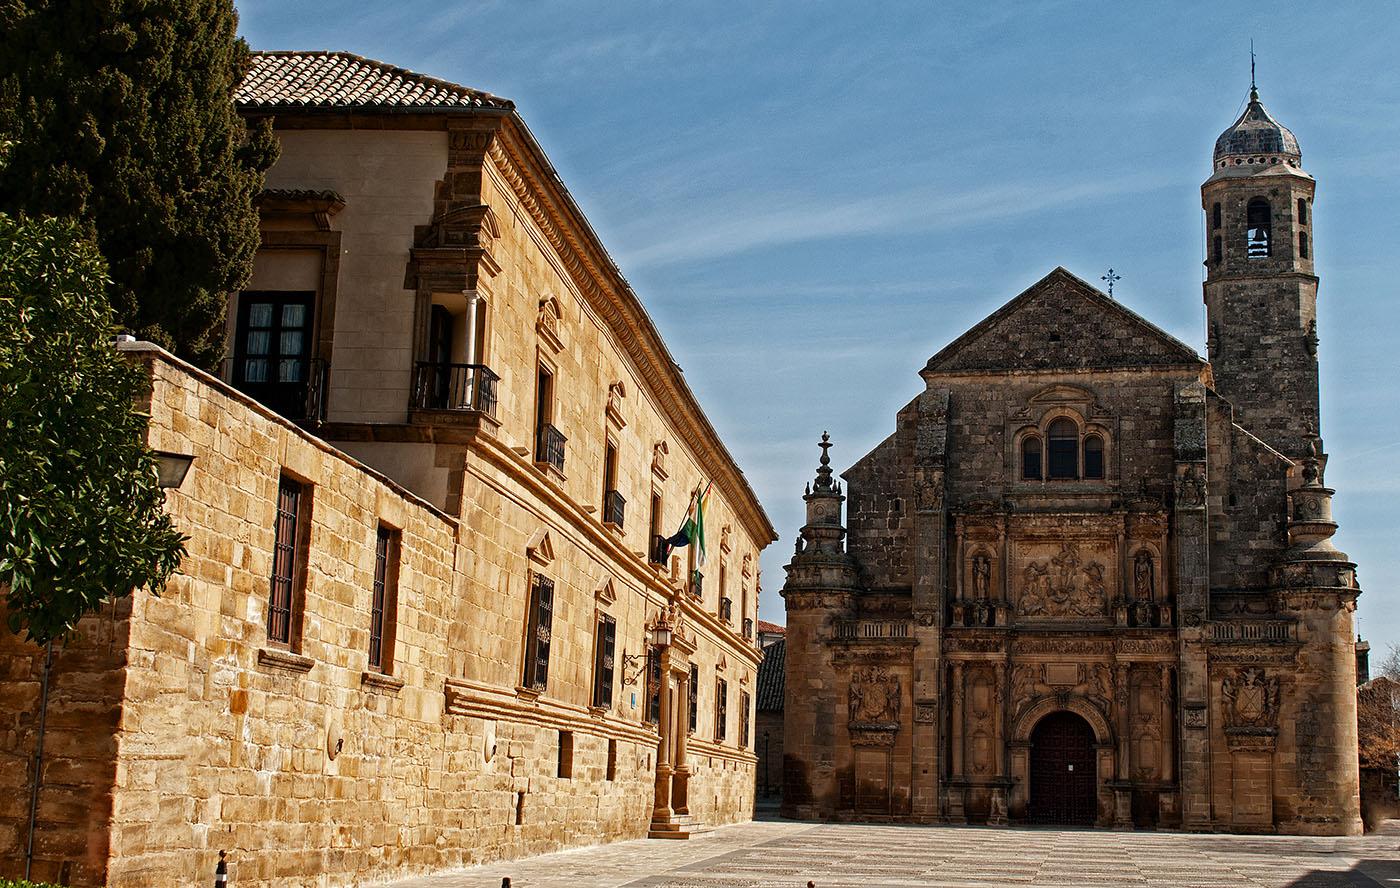 Vista parcial de la plaza Vázquez de Molina, con el Palacio del Deán Ortega a la izquierda y la Sacra Capilla del Salvador al fondo.